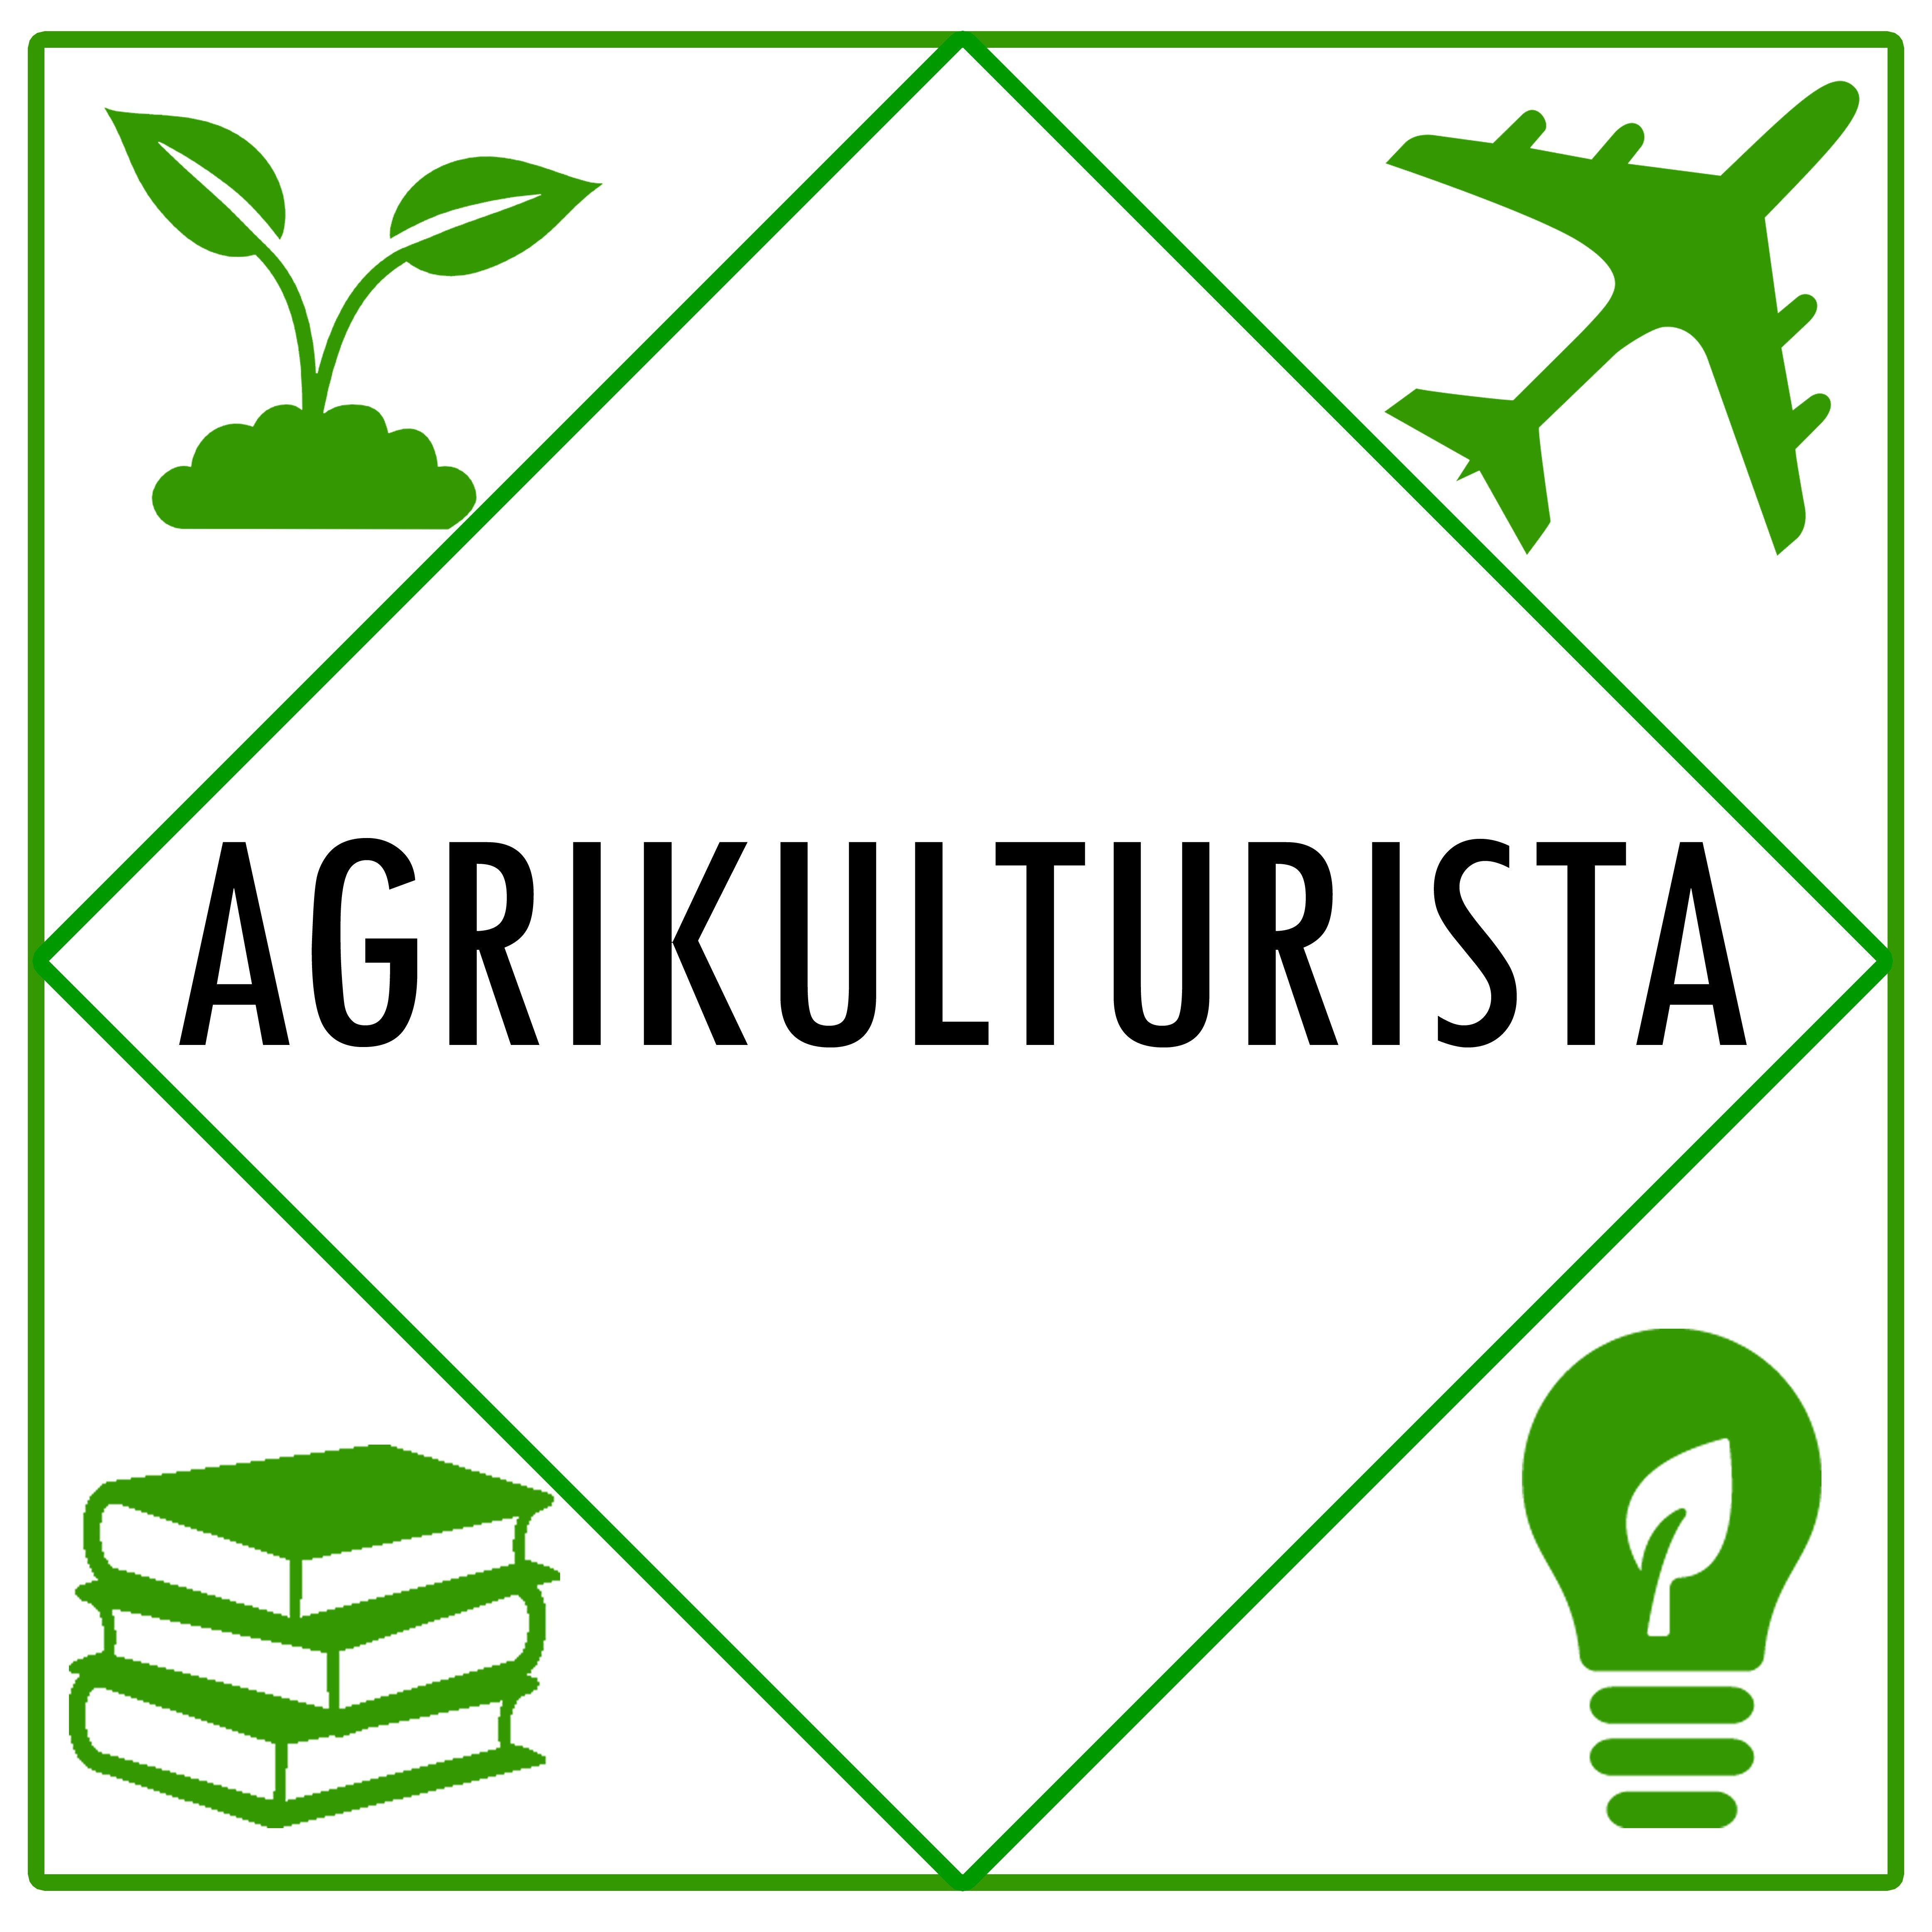 Agrikulturista